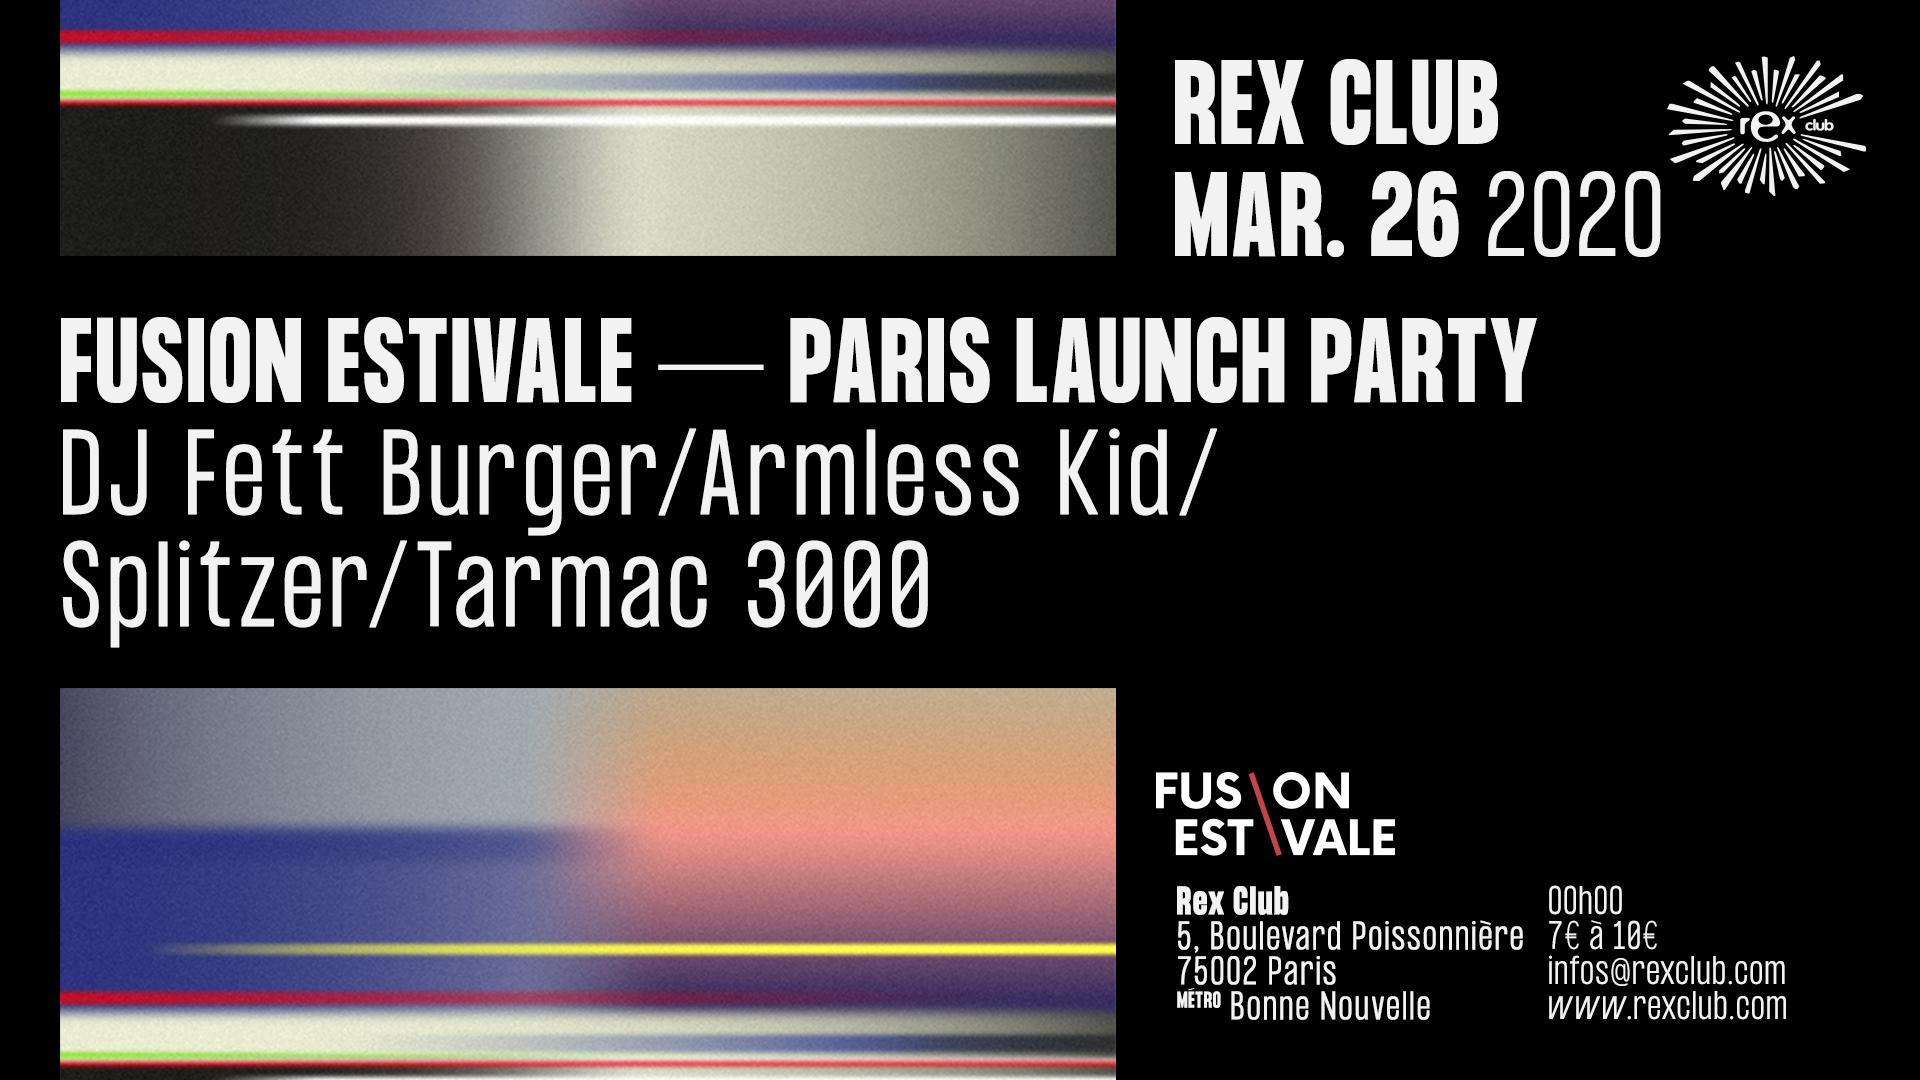 Fusion Estivale Paris Launch Party